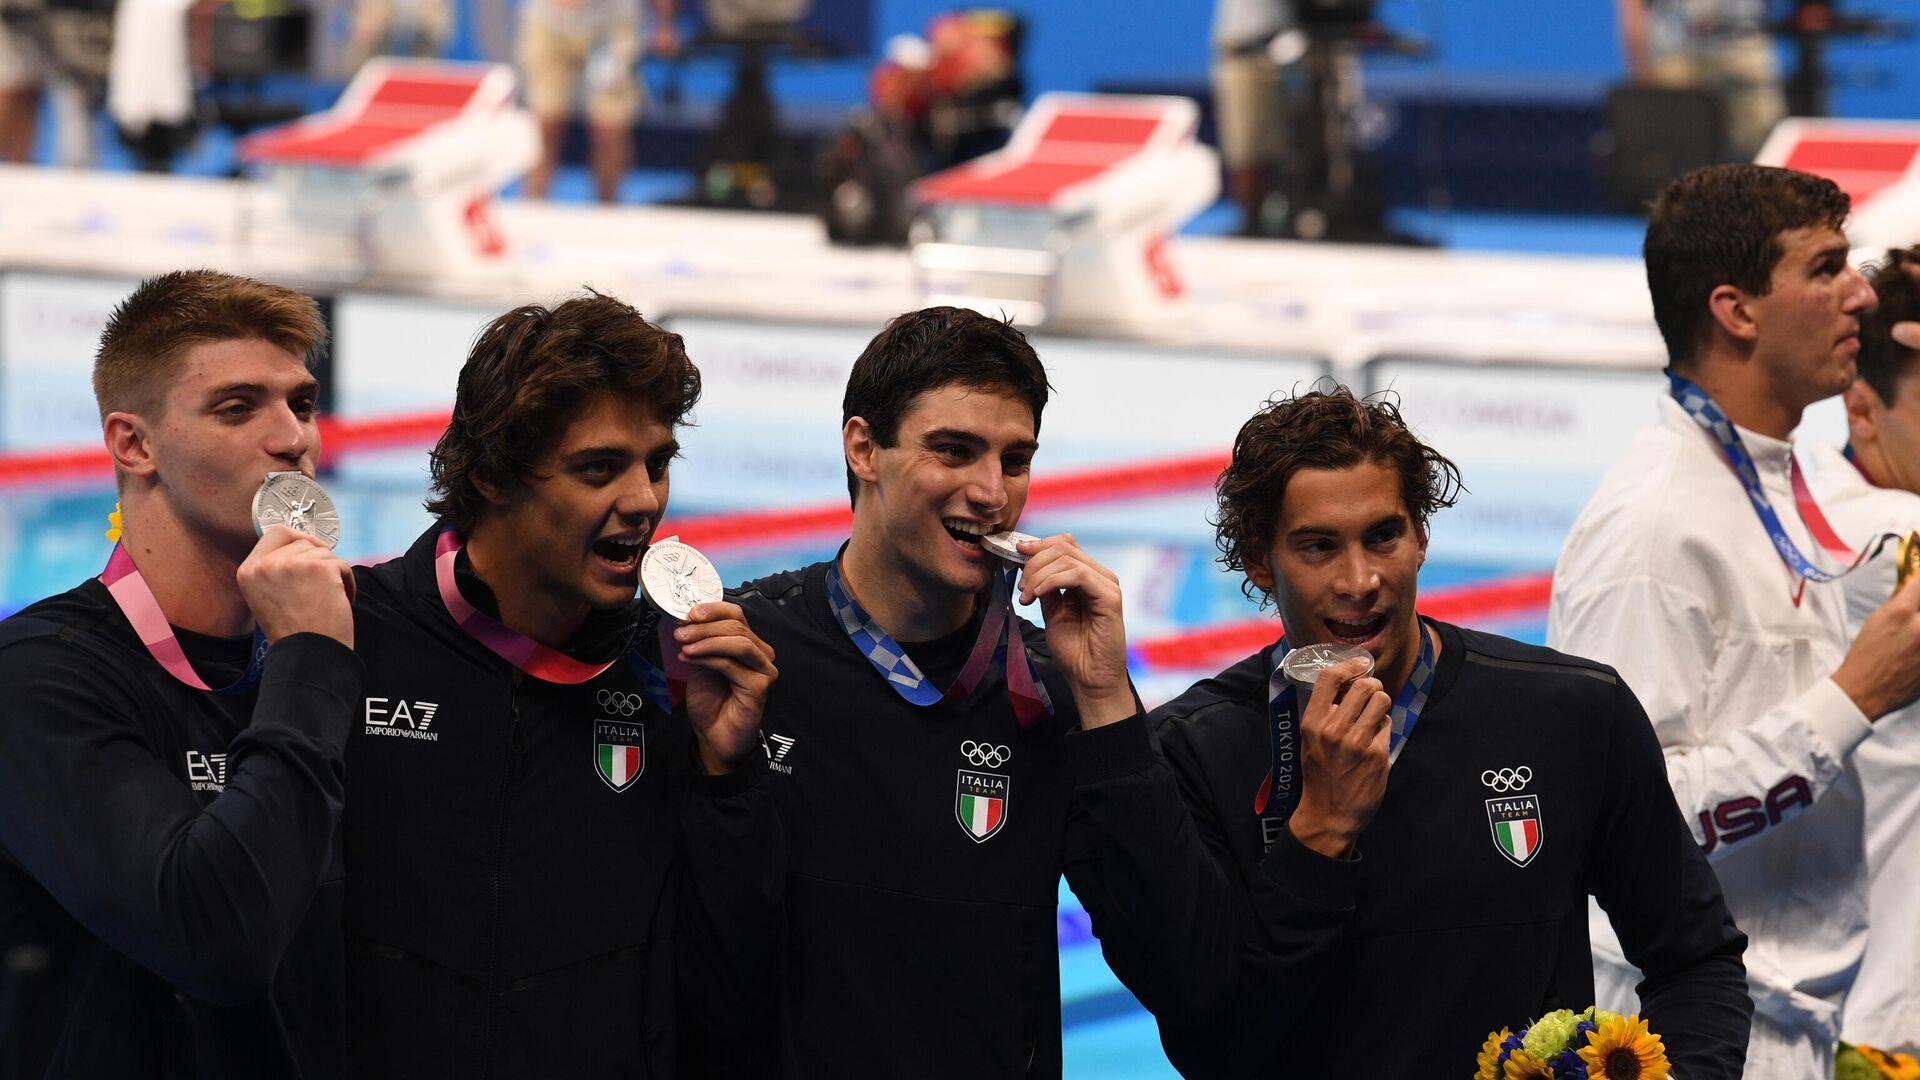 Alessandro Miressi, Thomas Ceccon, Lorenzo Zazzeri e Manuel Frigo hanno conquistato un argento nella staffetta 4 x 100 stile libero - Sputnik Italia, 1920, 26.07.2021